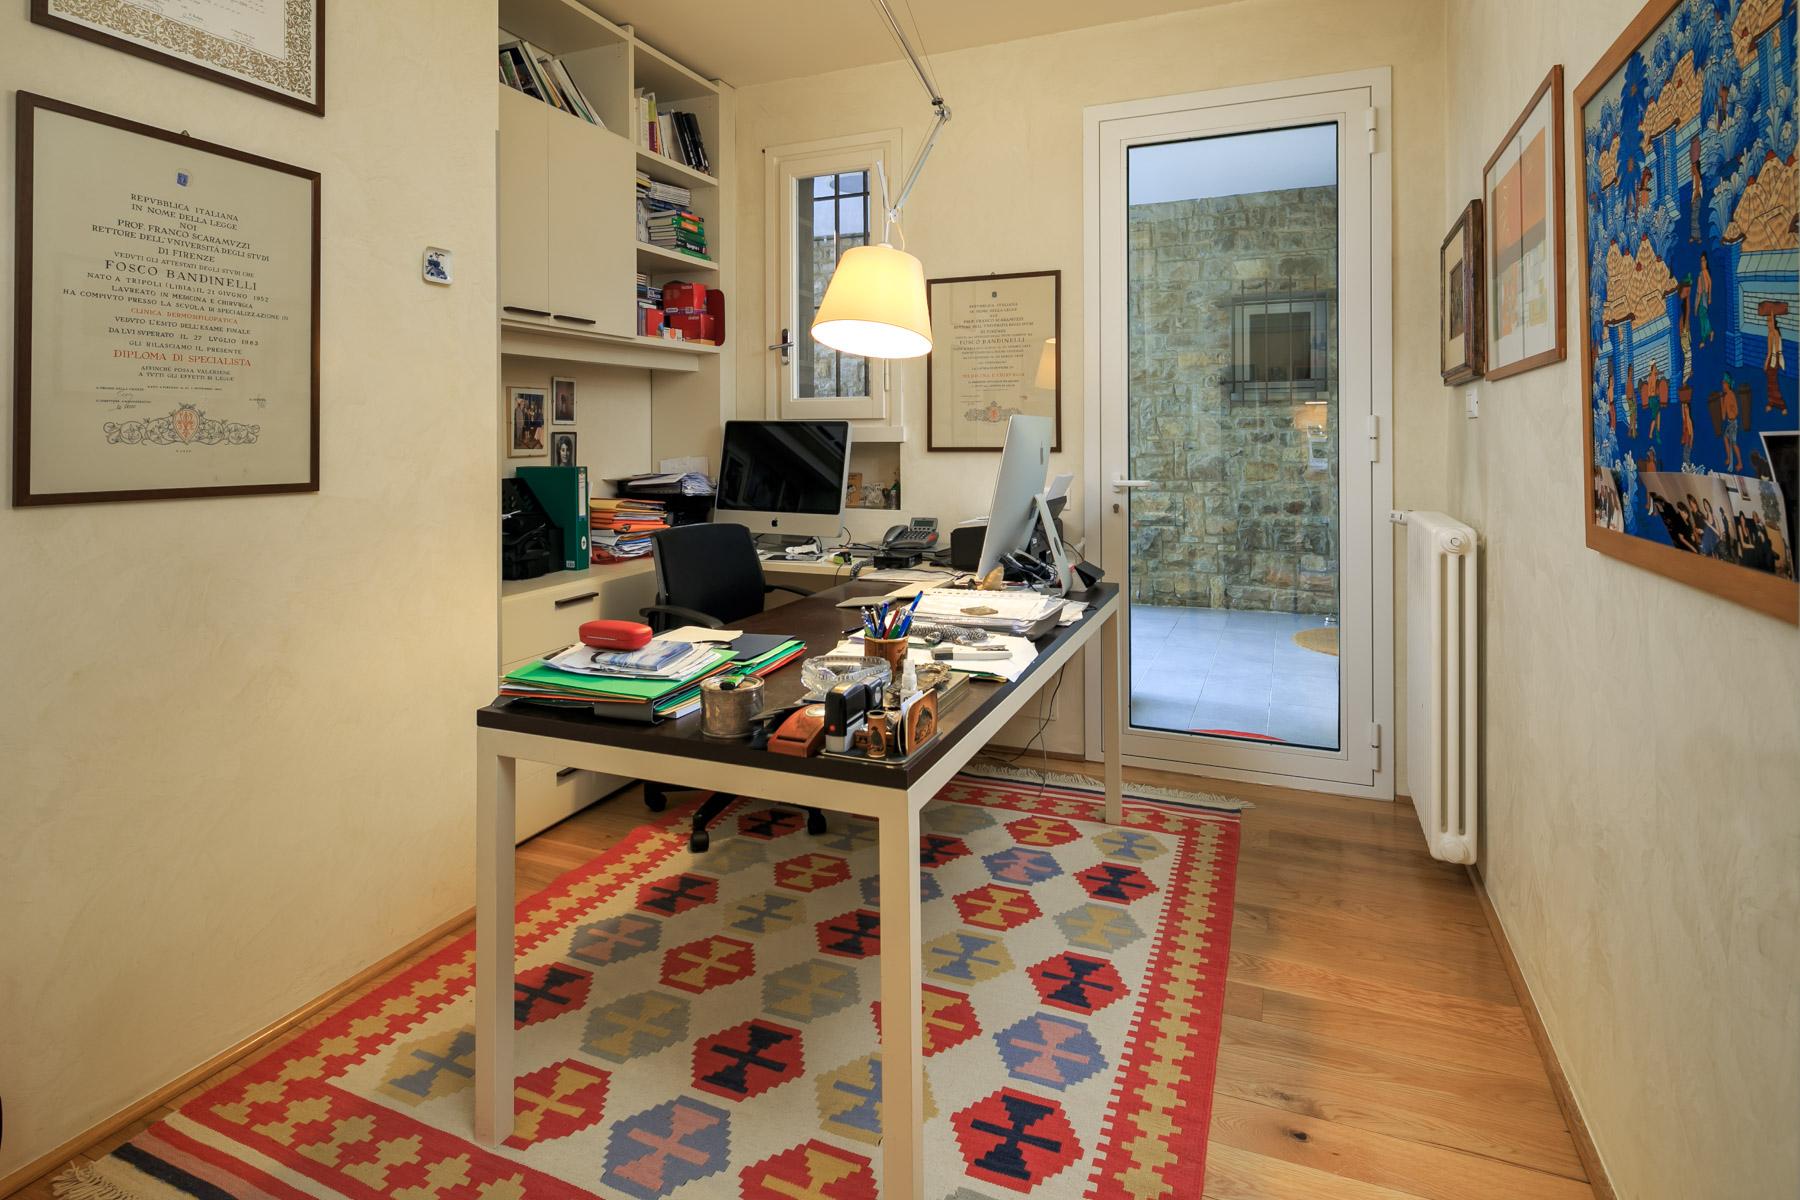 Casa indipendente in Vendita a Impruneta: 5 locali, 300 mq - Foto 13